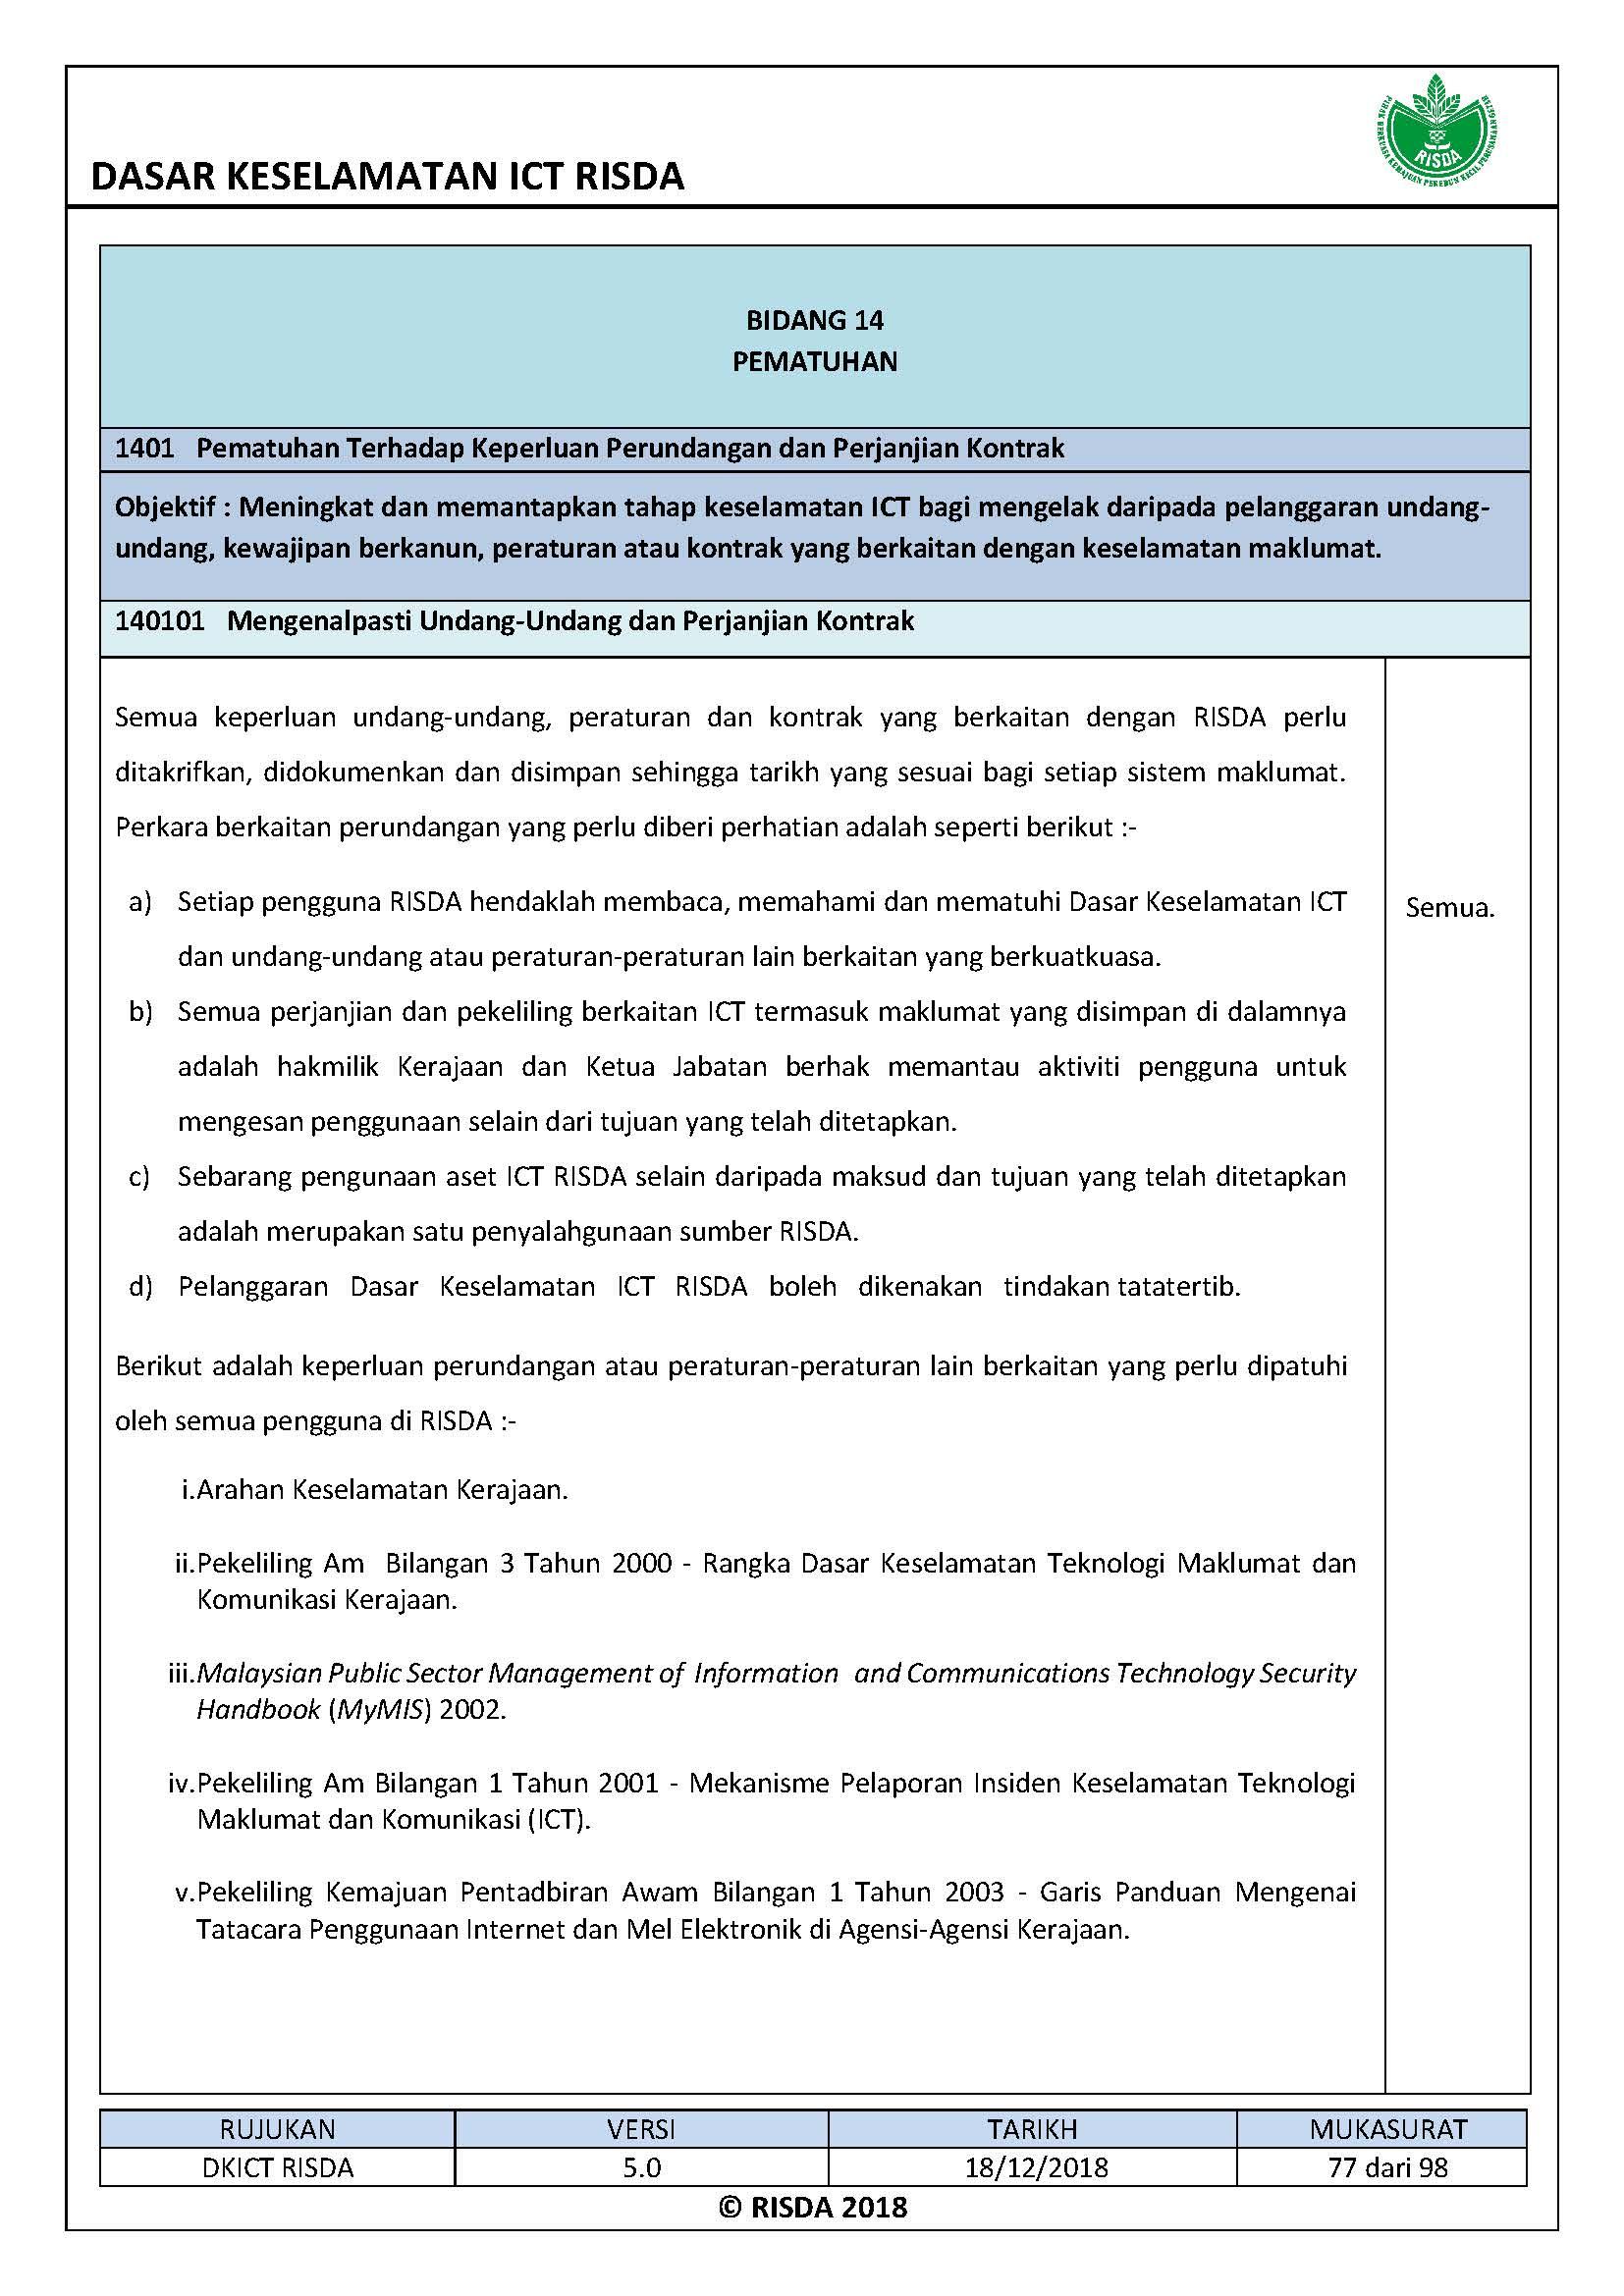 Official Portal Of Risda Guide Book Dasar Keselamatan Ict Risda Page 87